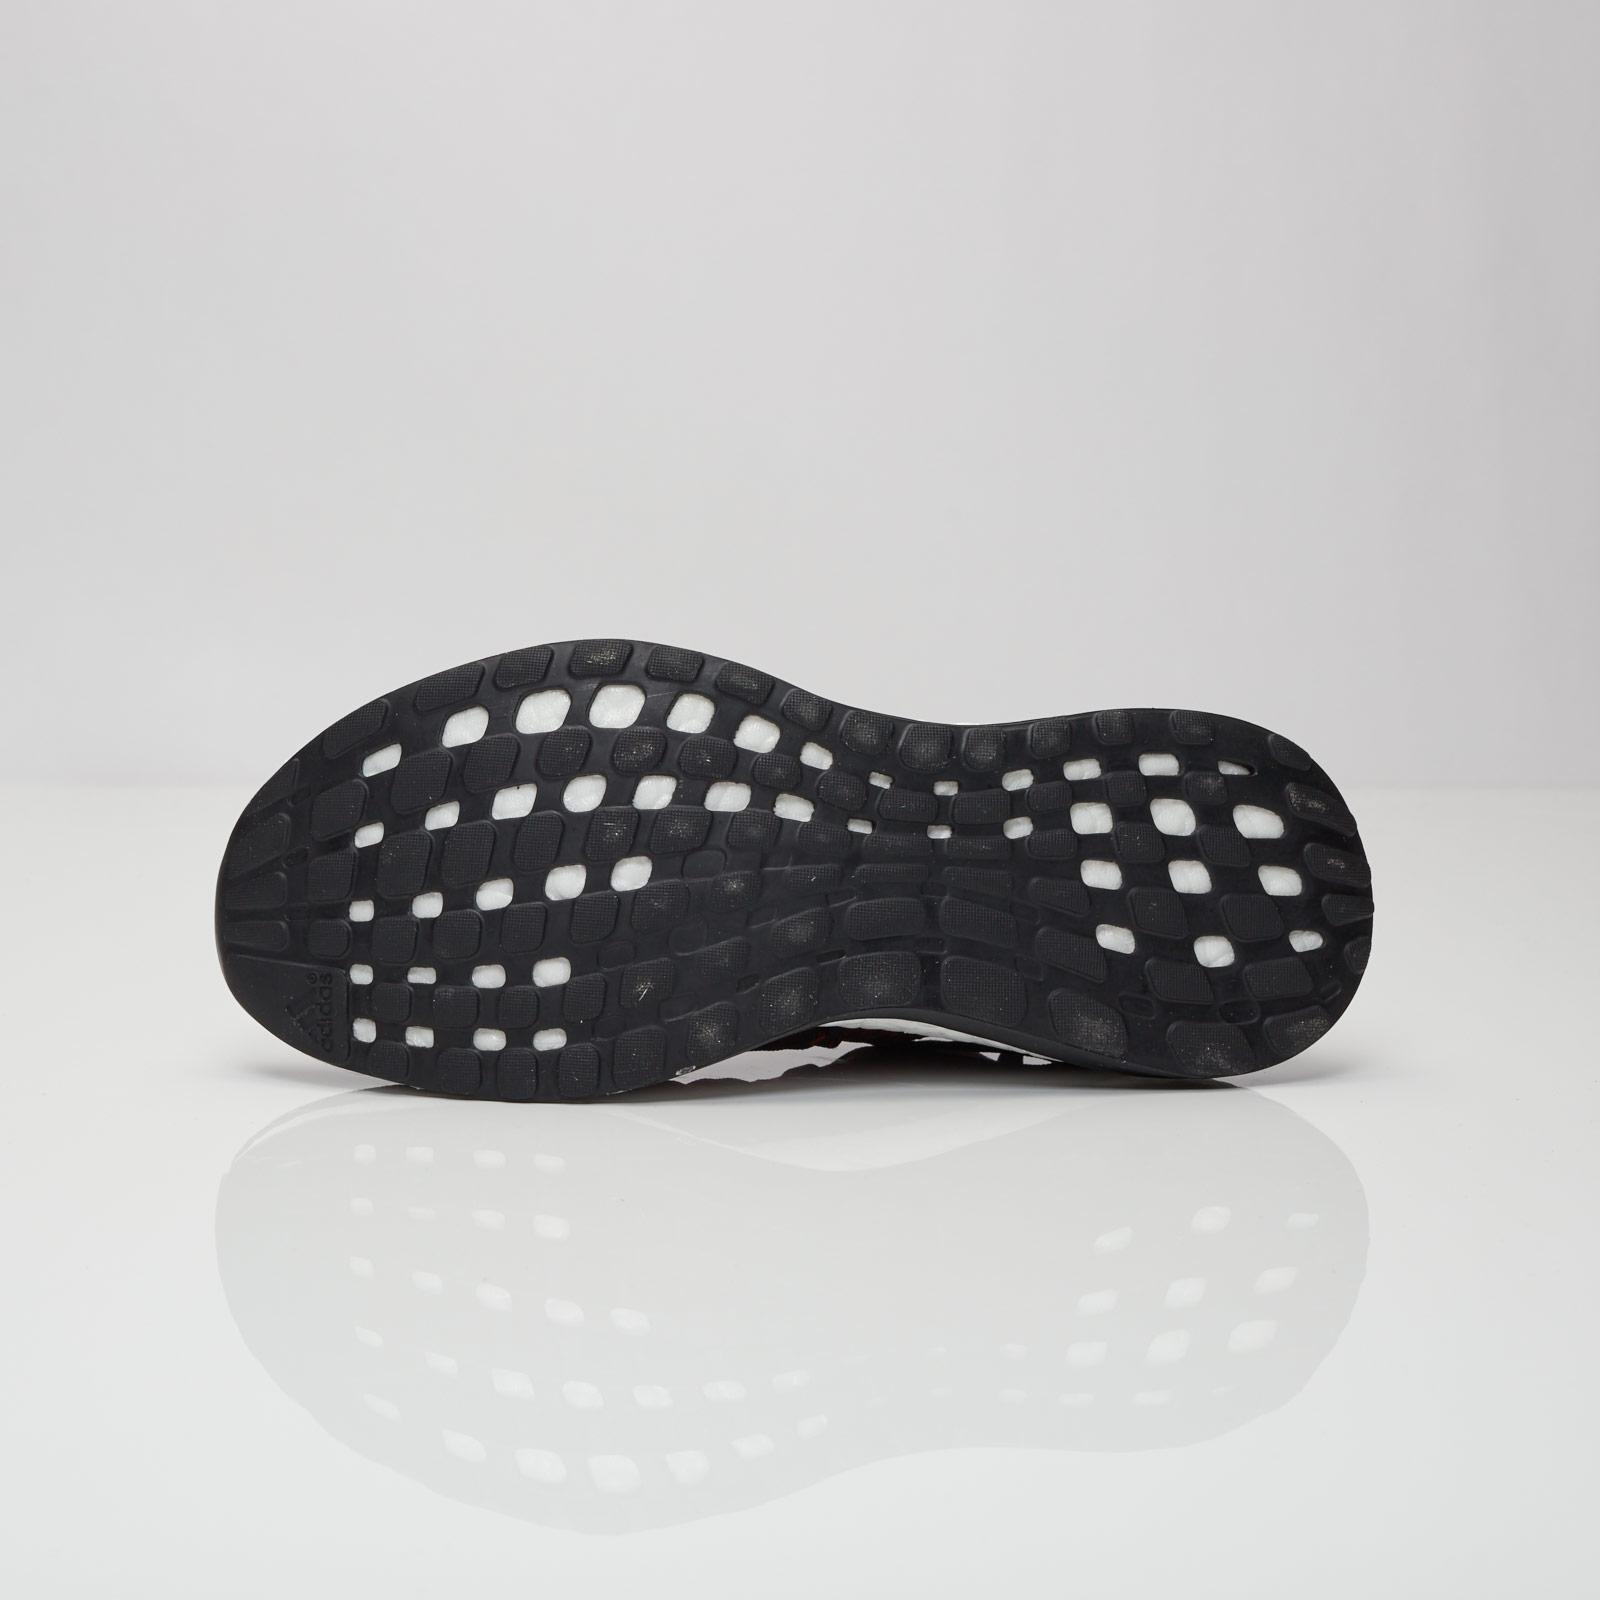 Adidas pureboost x aq3709 sneakersnstuff zapatilla & Streetwear